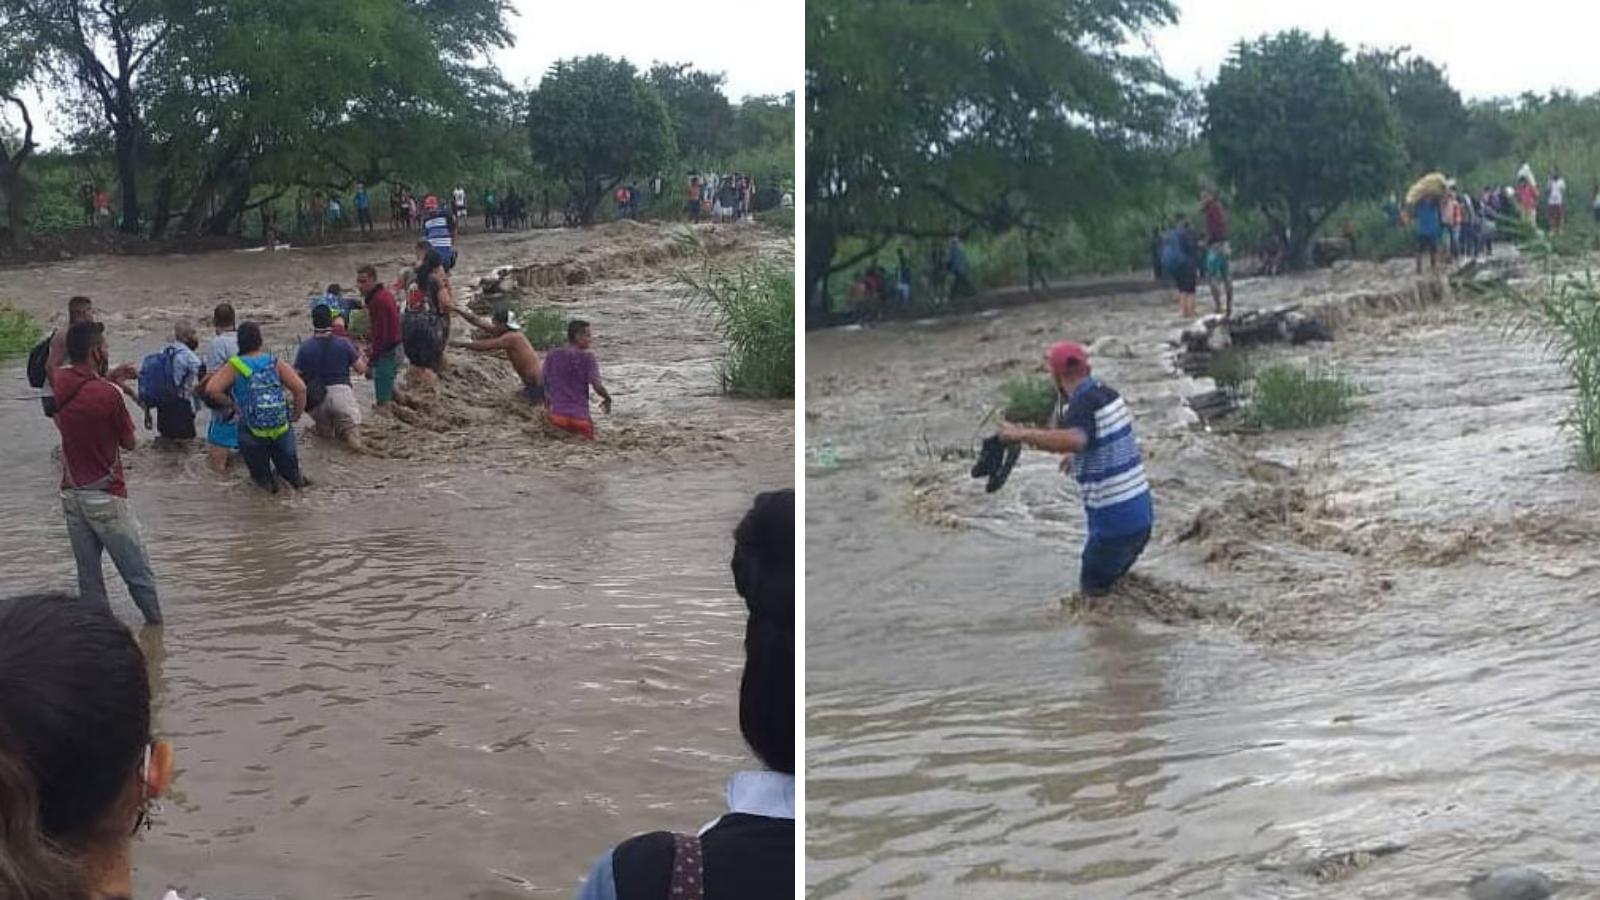 Migrantes se arriesgan a cruzar río crecido en la frontera